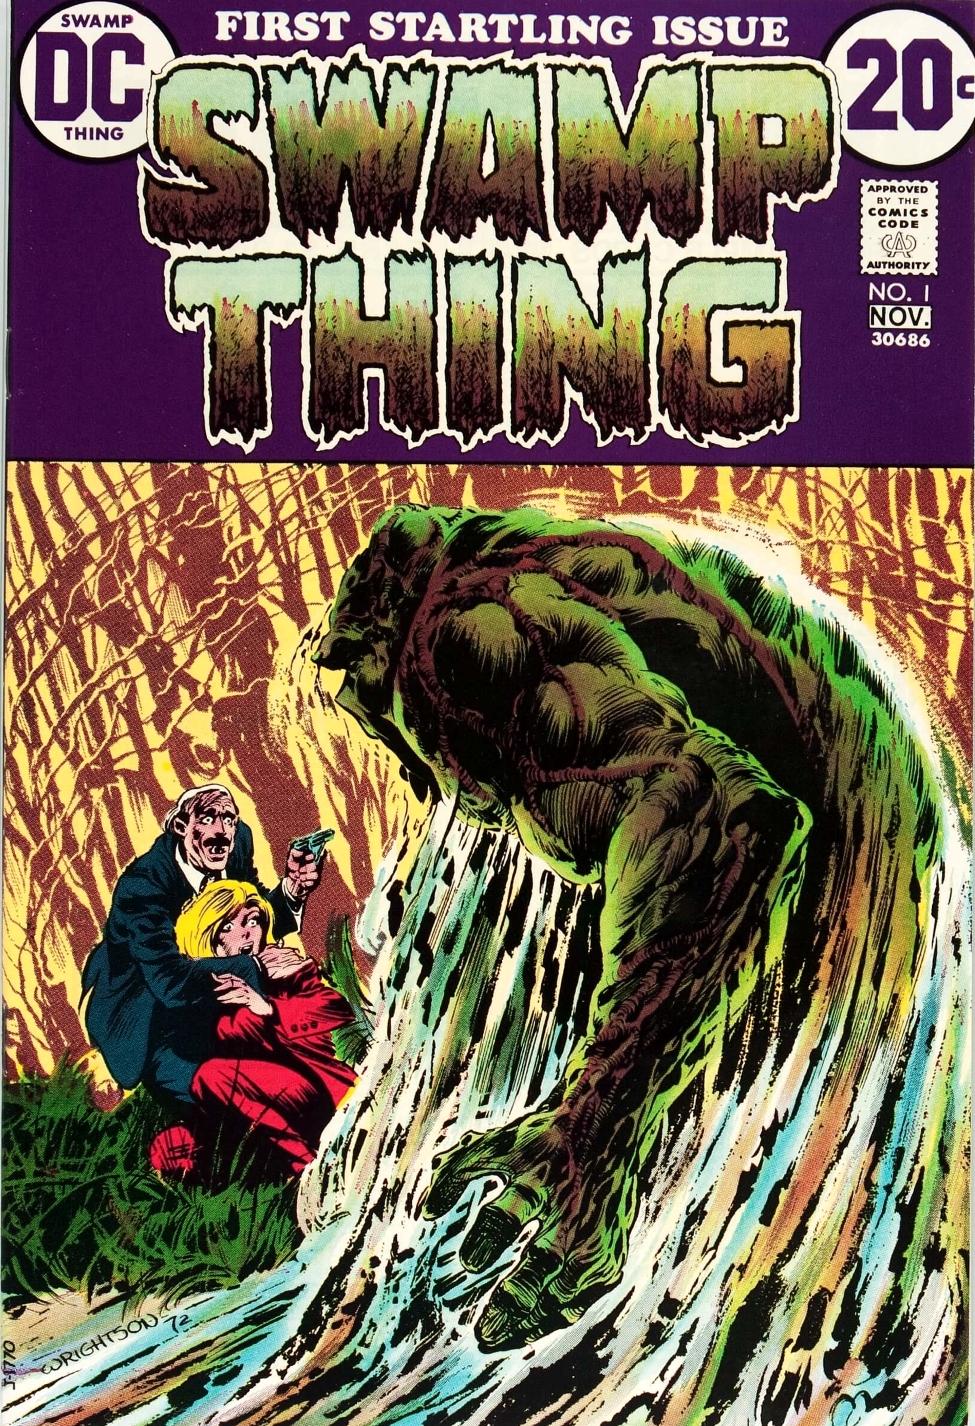 Swamp_Thing_Vol_1_1.jpg